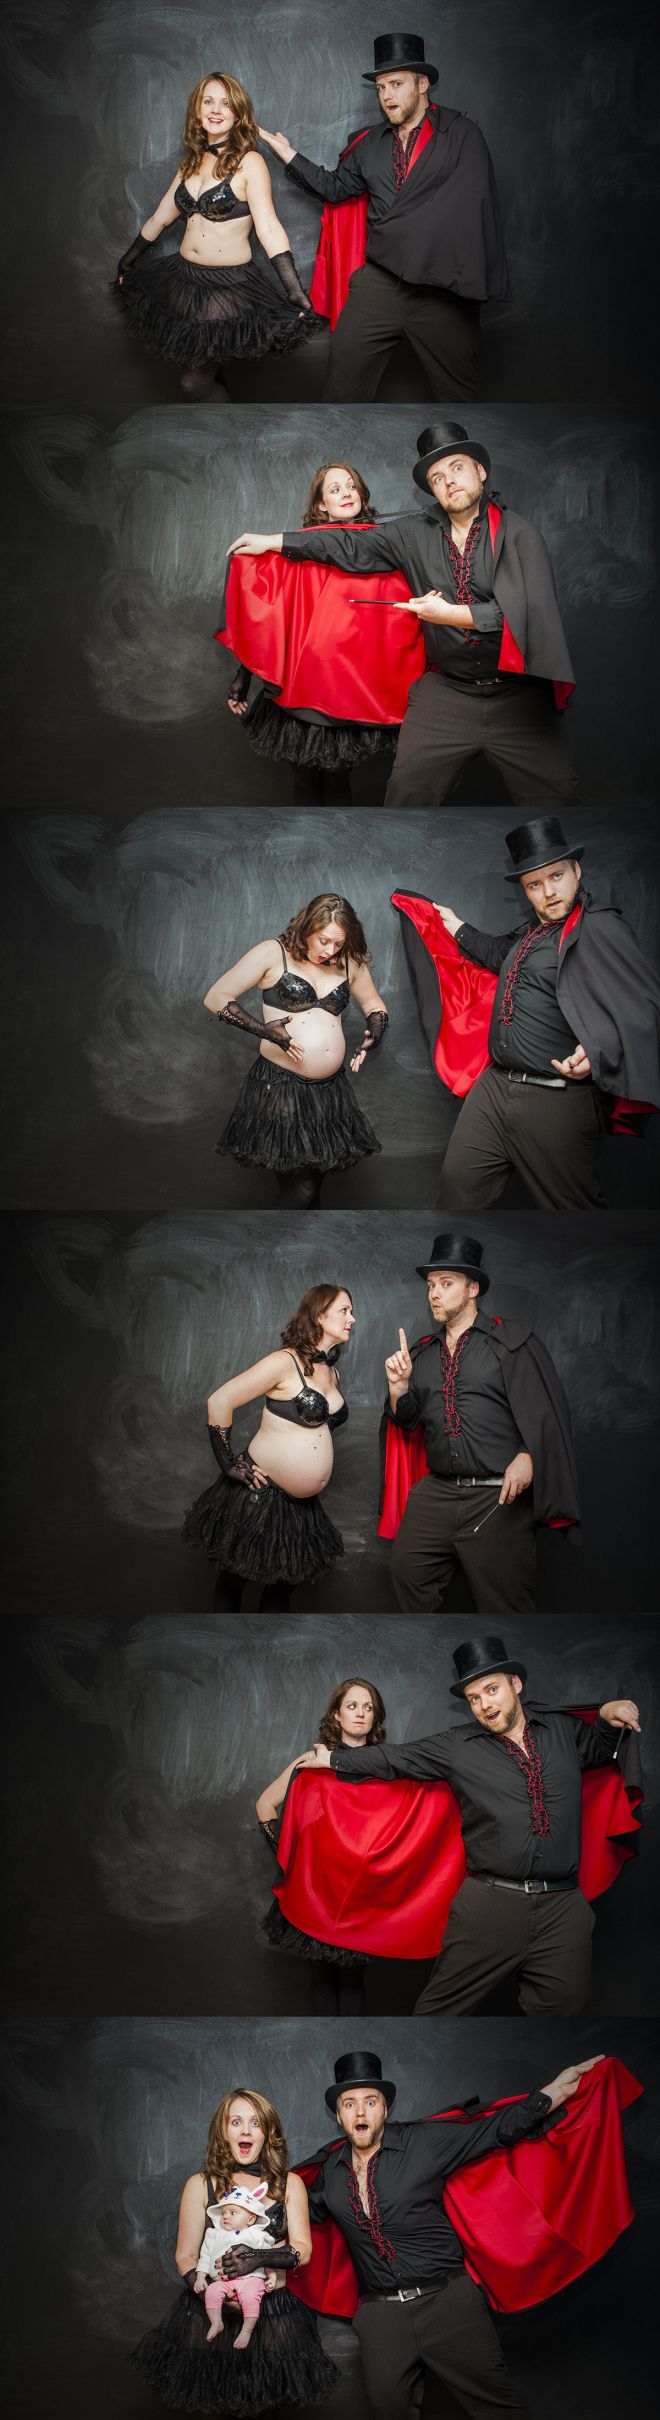 Una sesión de fotos mágica #bebes #fotografia #embarazo #unamamanovata ▲▲▲ www.unamamanovata.com ▲▲▲